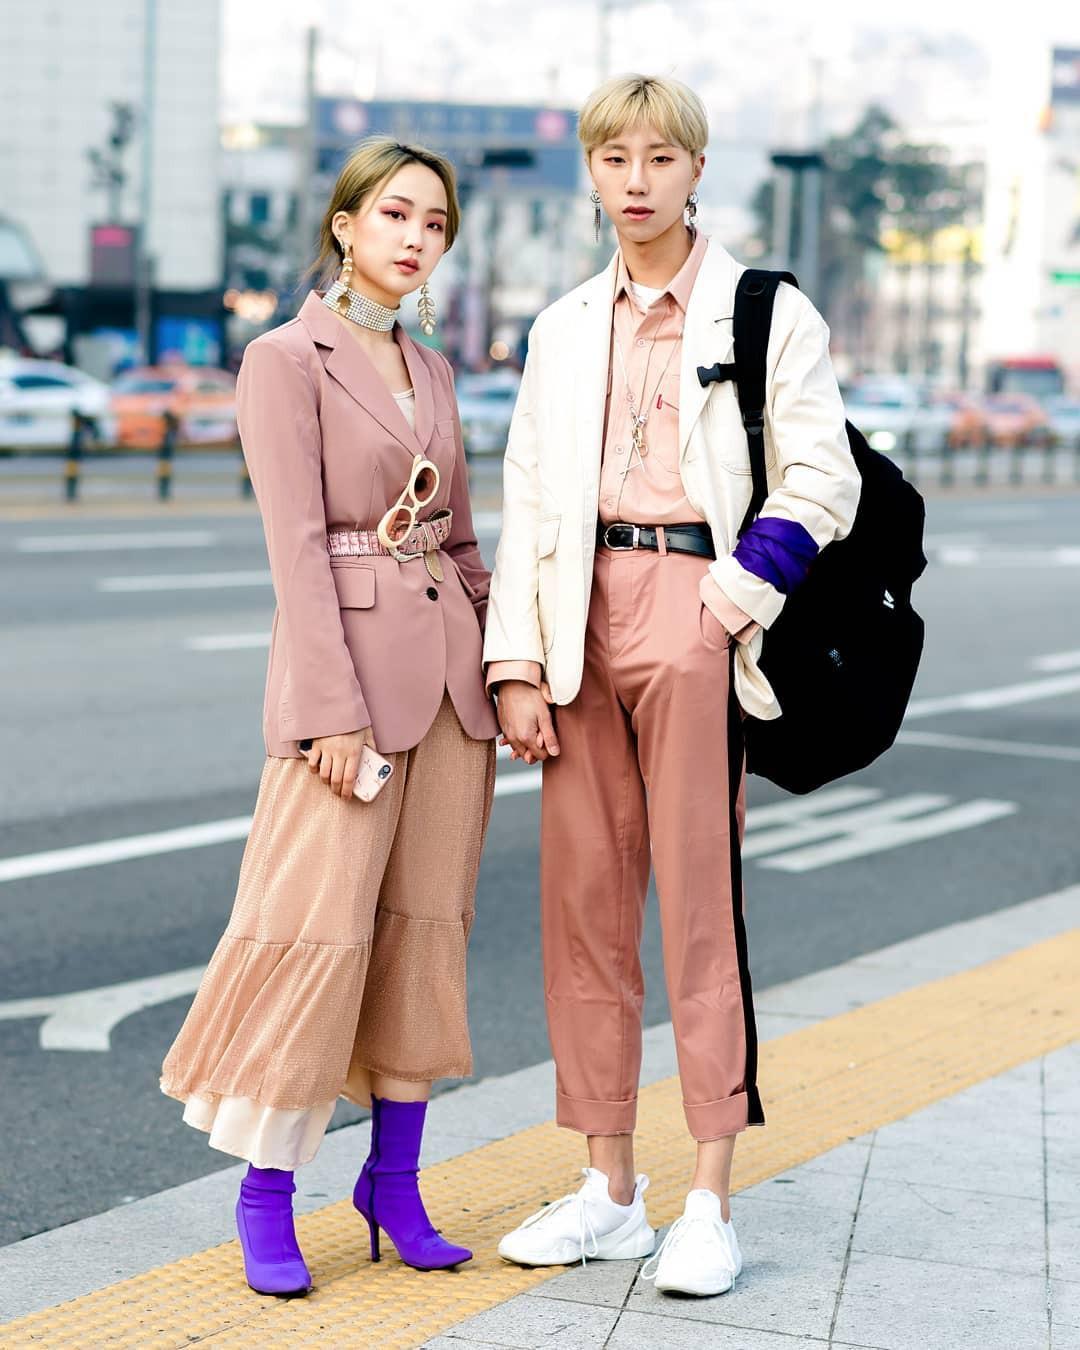 """Tuyệt chiêu để """"lúc nào cũng mặc đẹp"""" của con gái Hàn nằm cả ở 12 món đồ và cách mix này - Ảnh 25."""